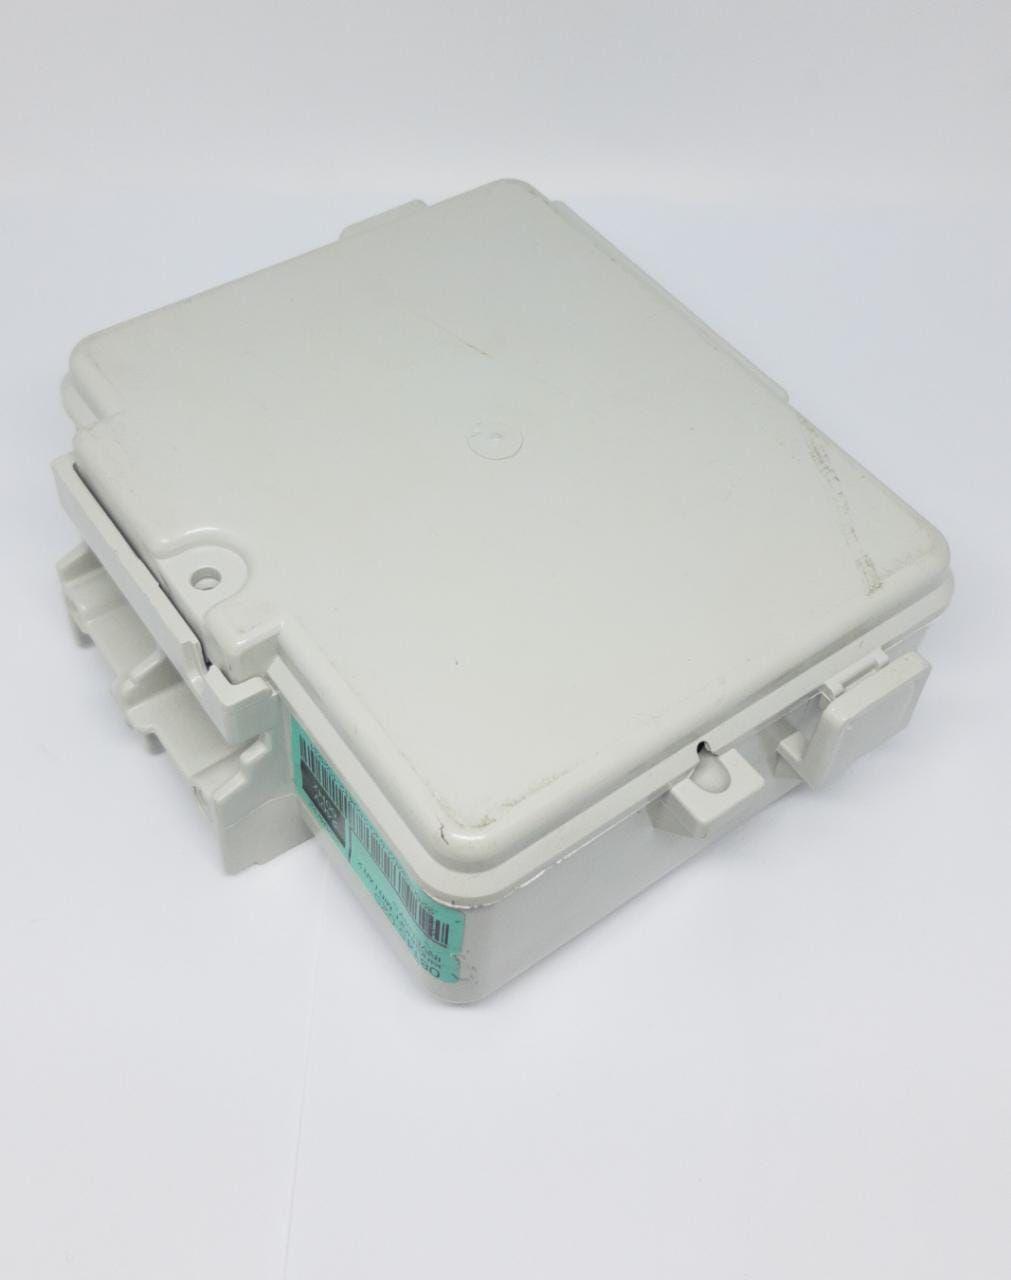 Controle Eletrônico Refrigerador BRM40 / 44 / 47 / 49 220V ORIGINAL 326063202